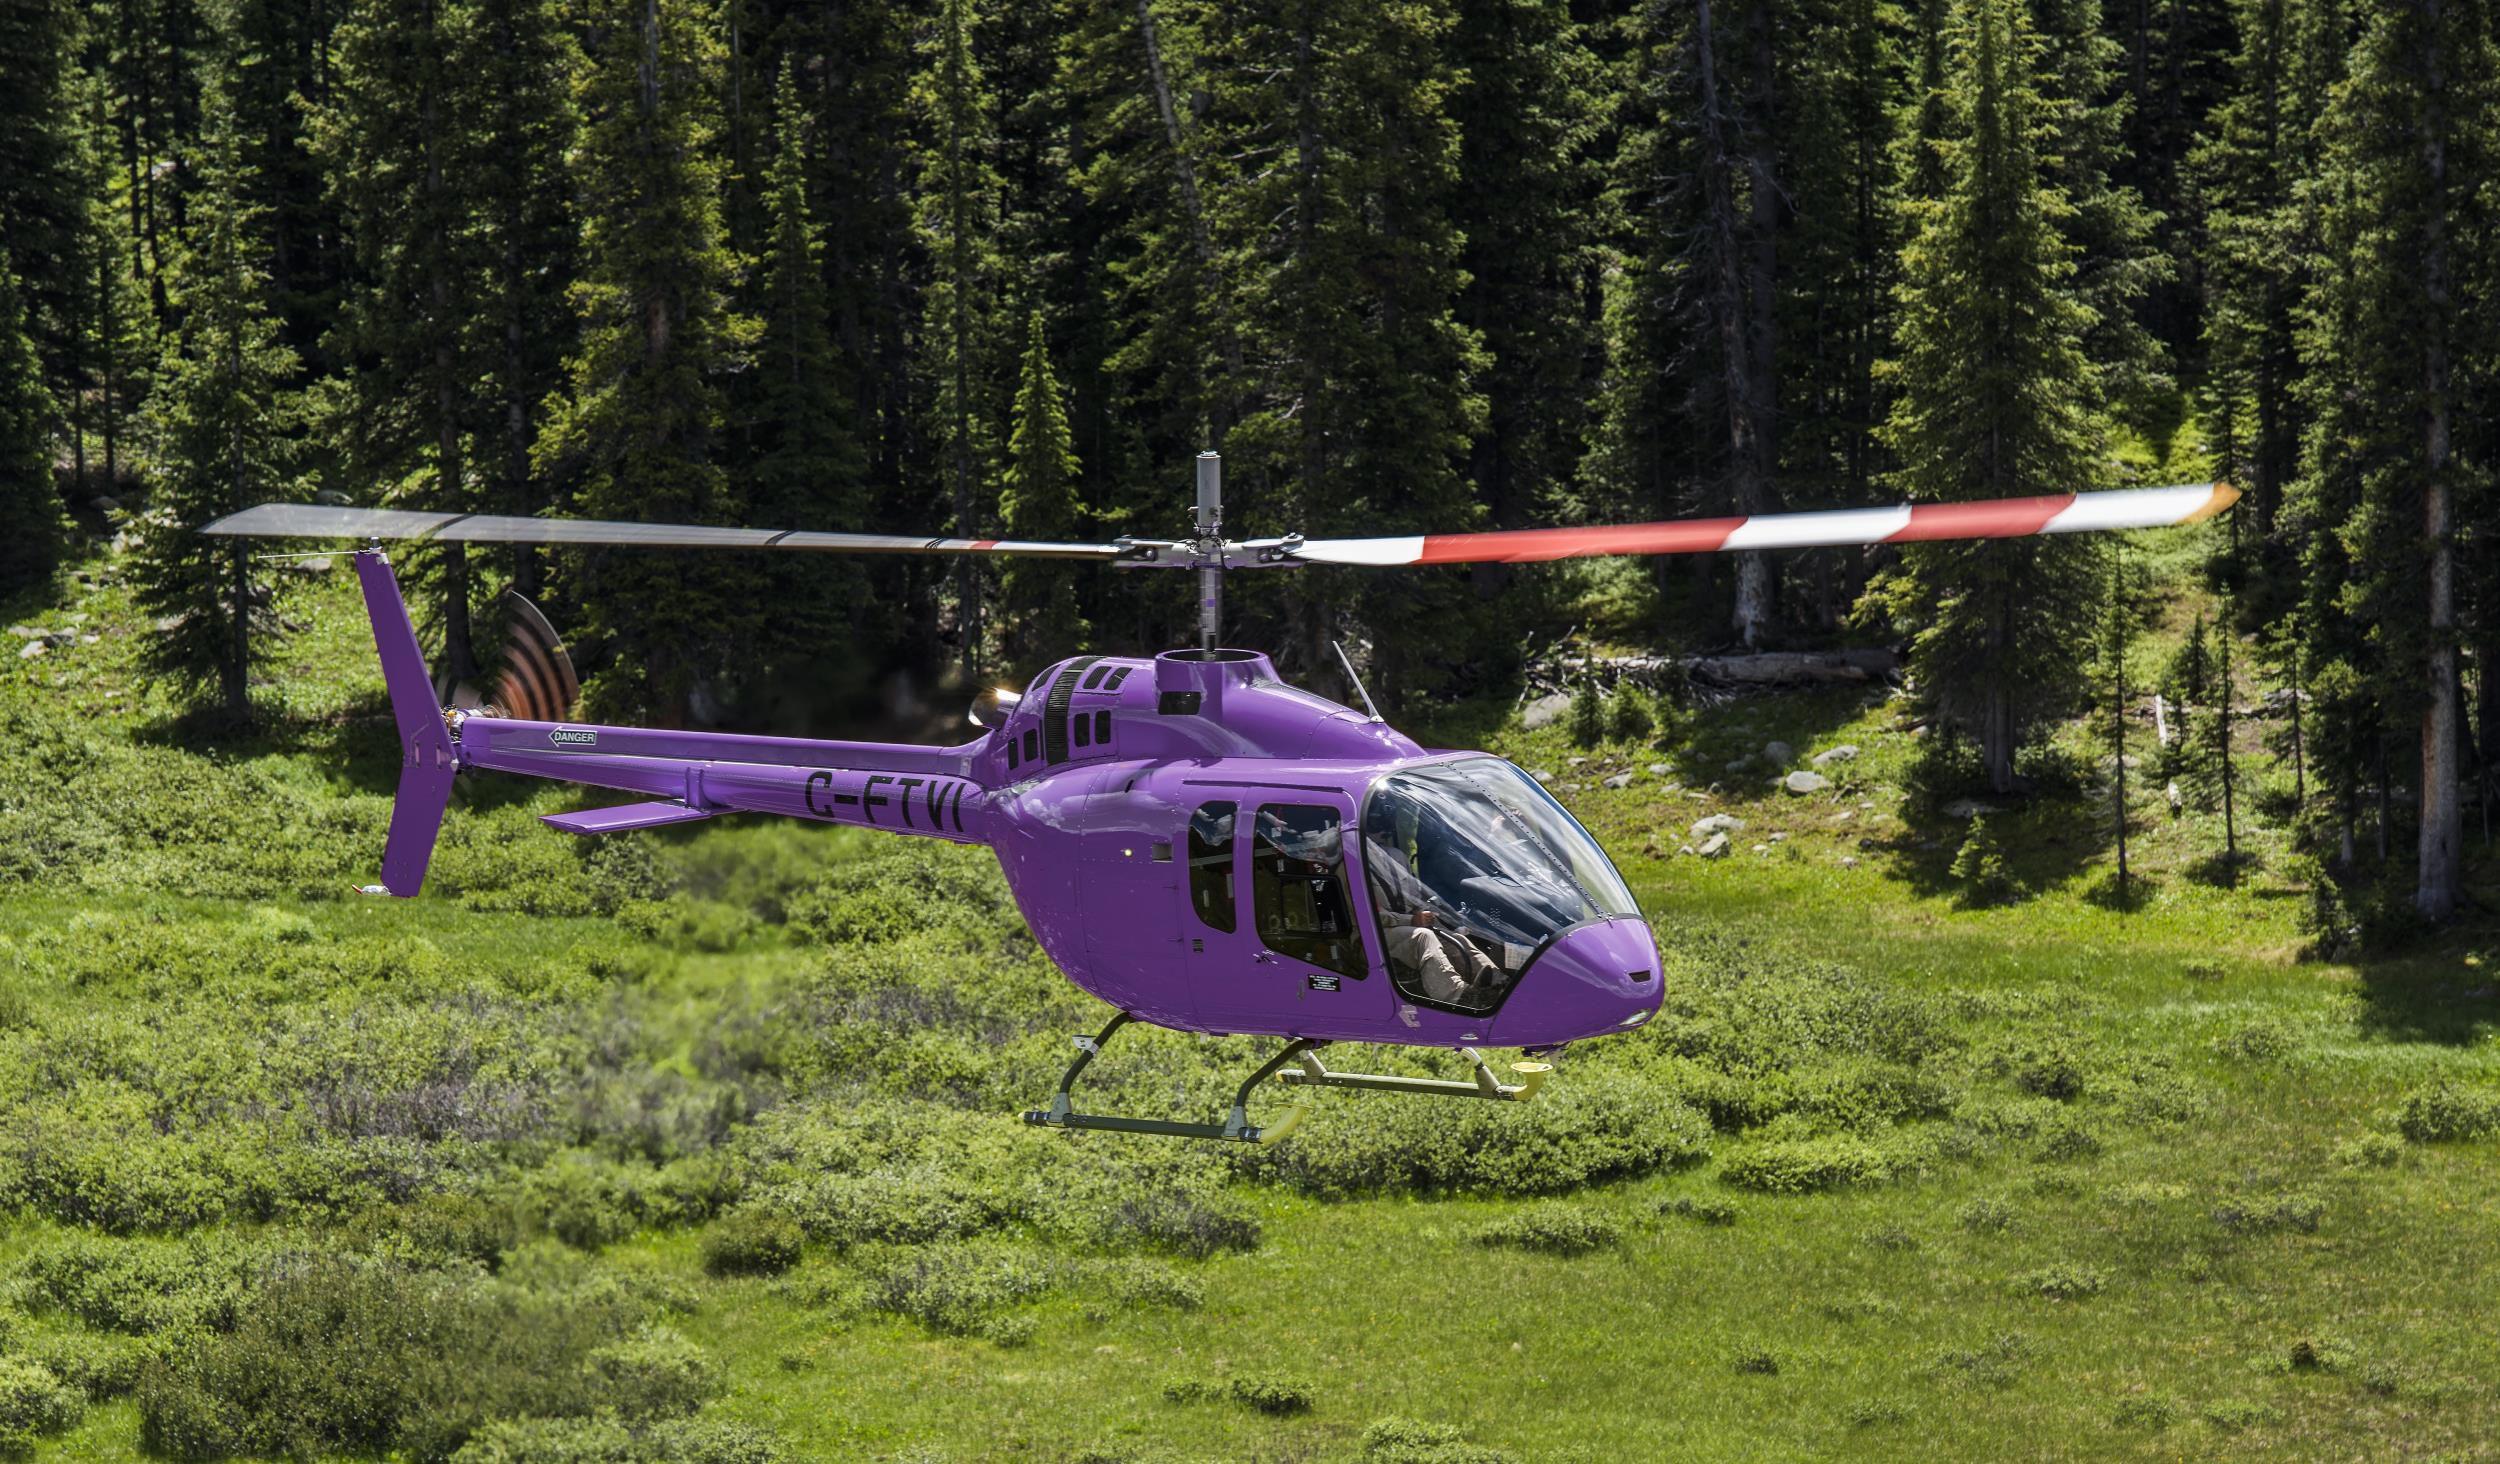 Elicottero Jet Ranger : Elicottero di evacuazione medica da trasporto di sorveglianza